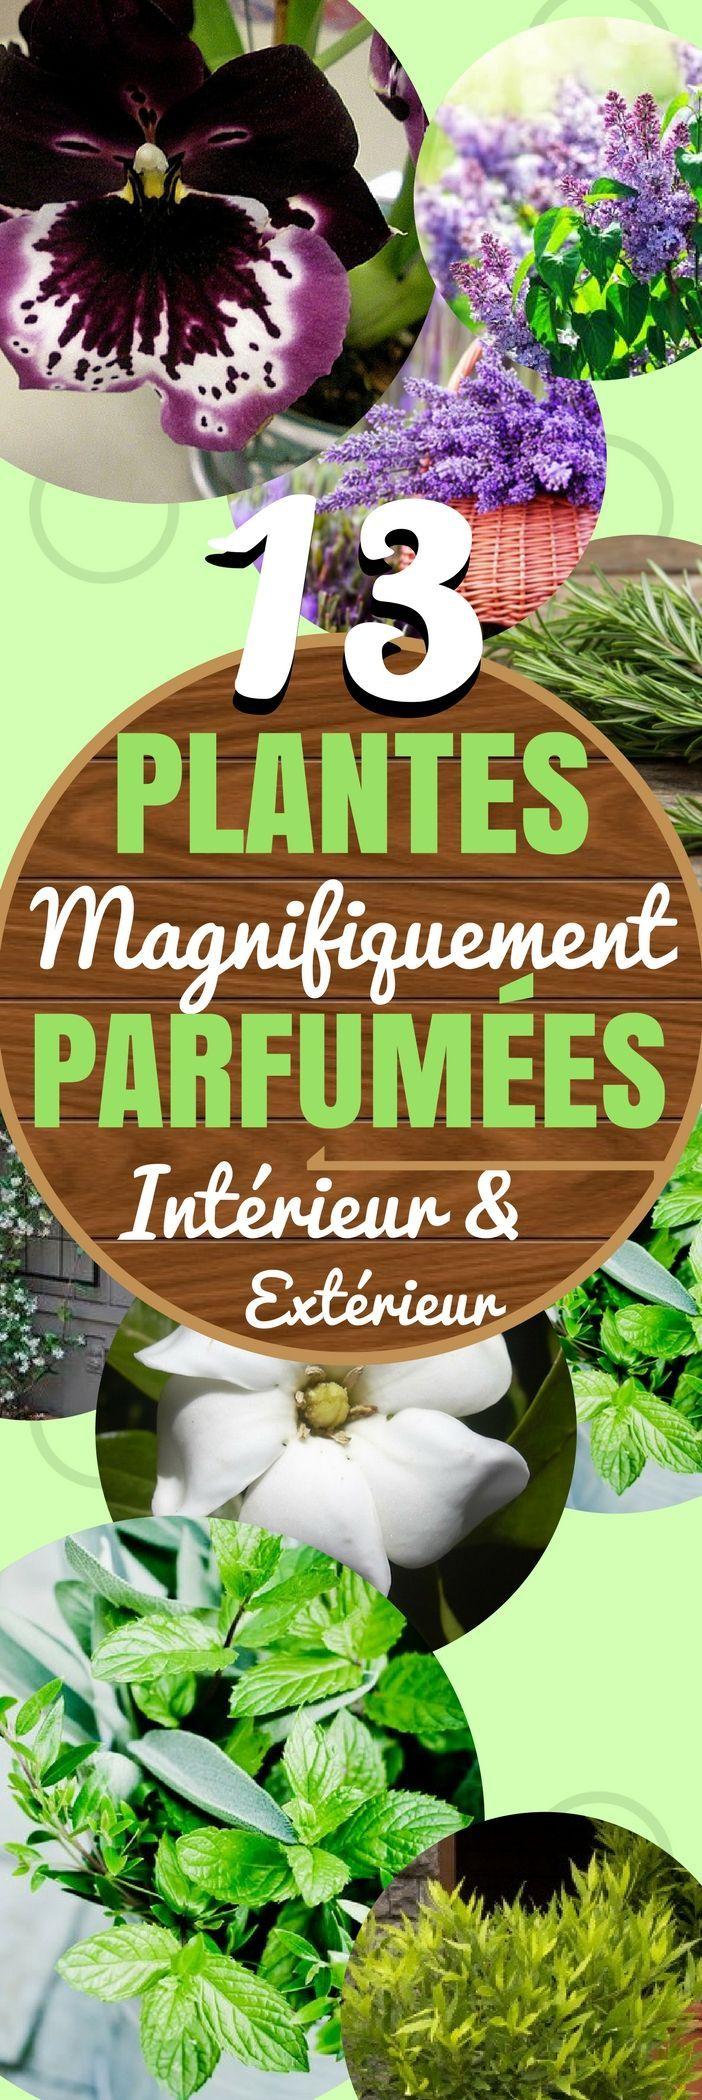 13 plantes magnifiquement parfum es int rieur ext rieur jardin pinterest jardins. Black Bedroom Furniture Sets. Home Design Ideas